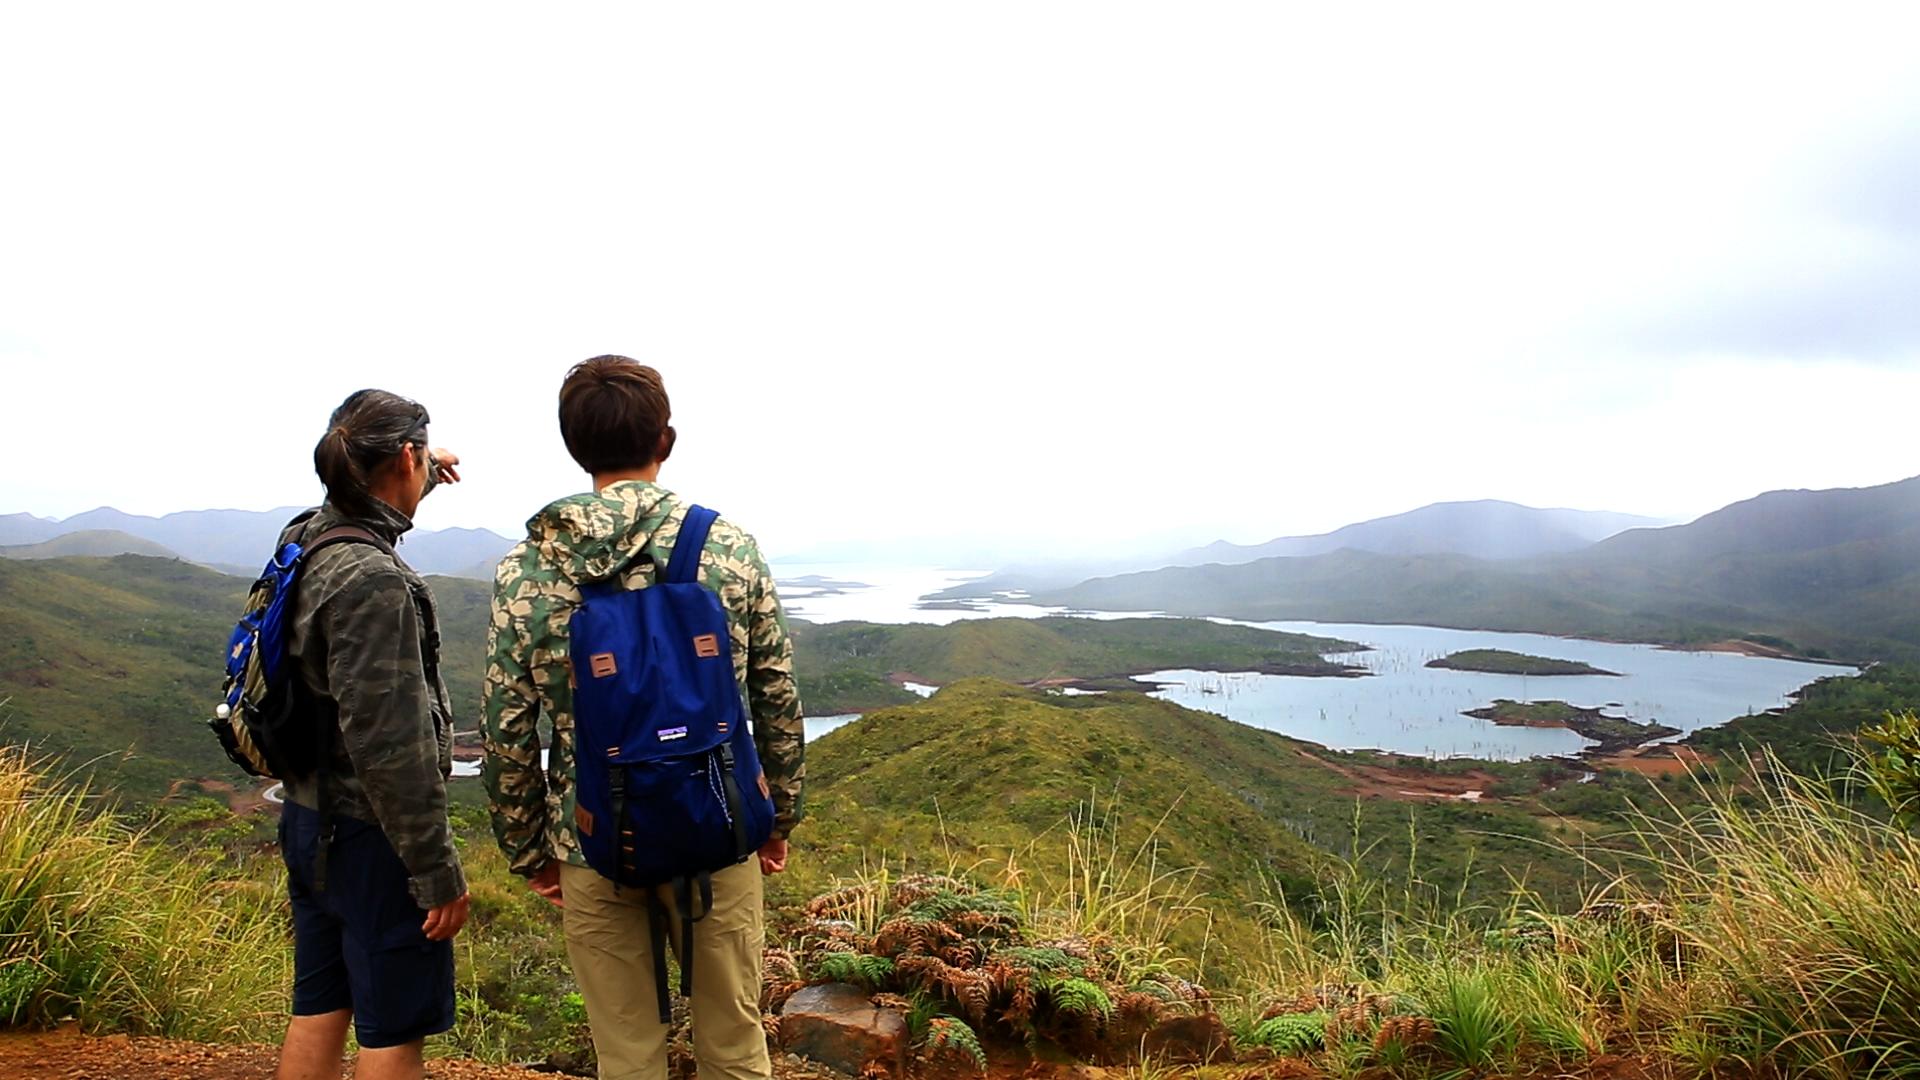 세계테마기행 - 남태평양의 푸른 낙원,뉴칼레도니아 4부 태고의 신비를 만나다,블루리버파크